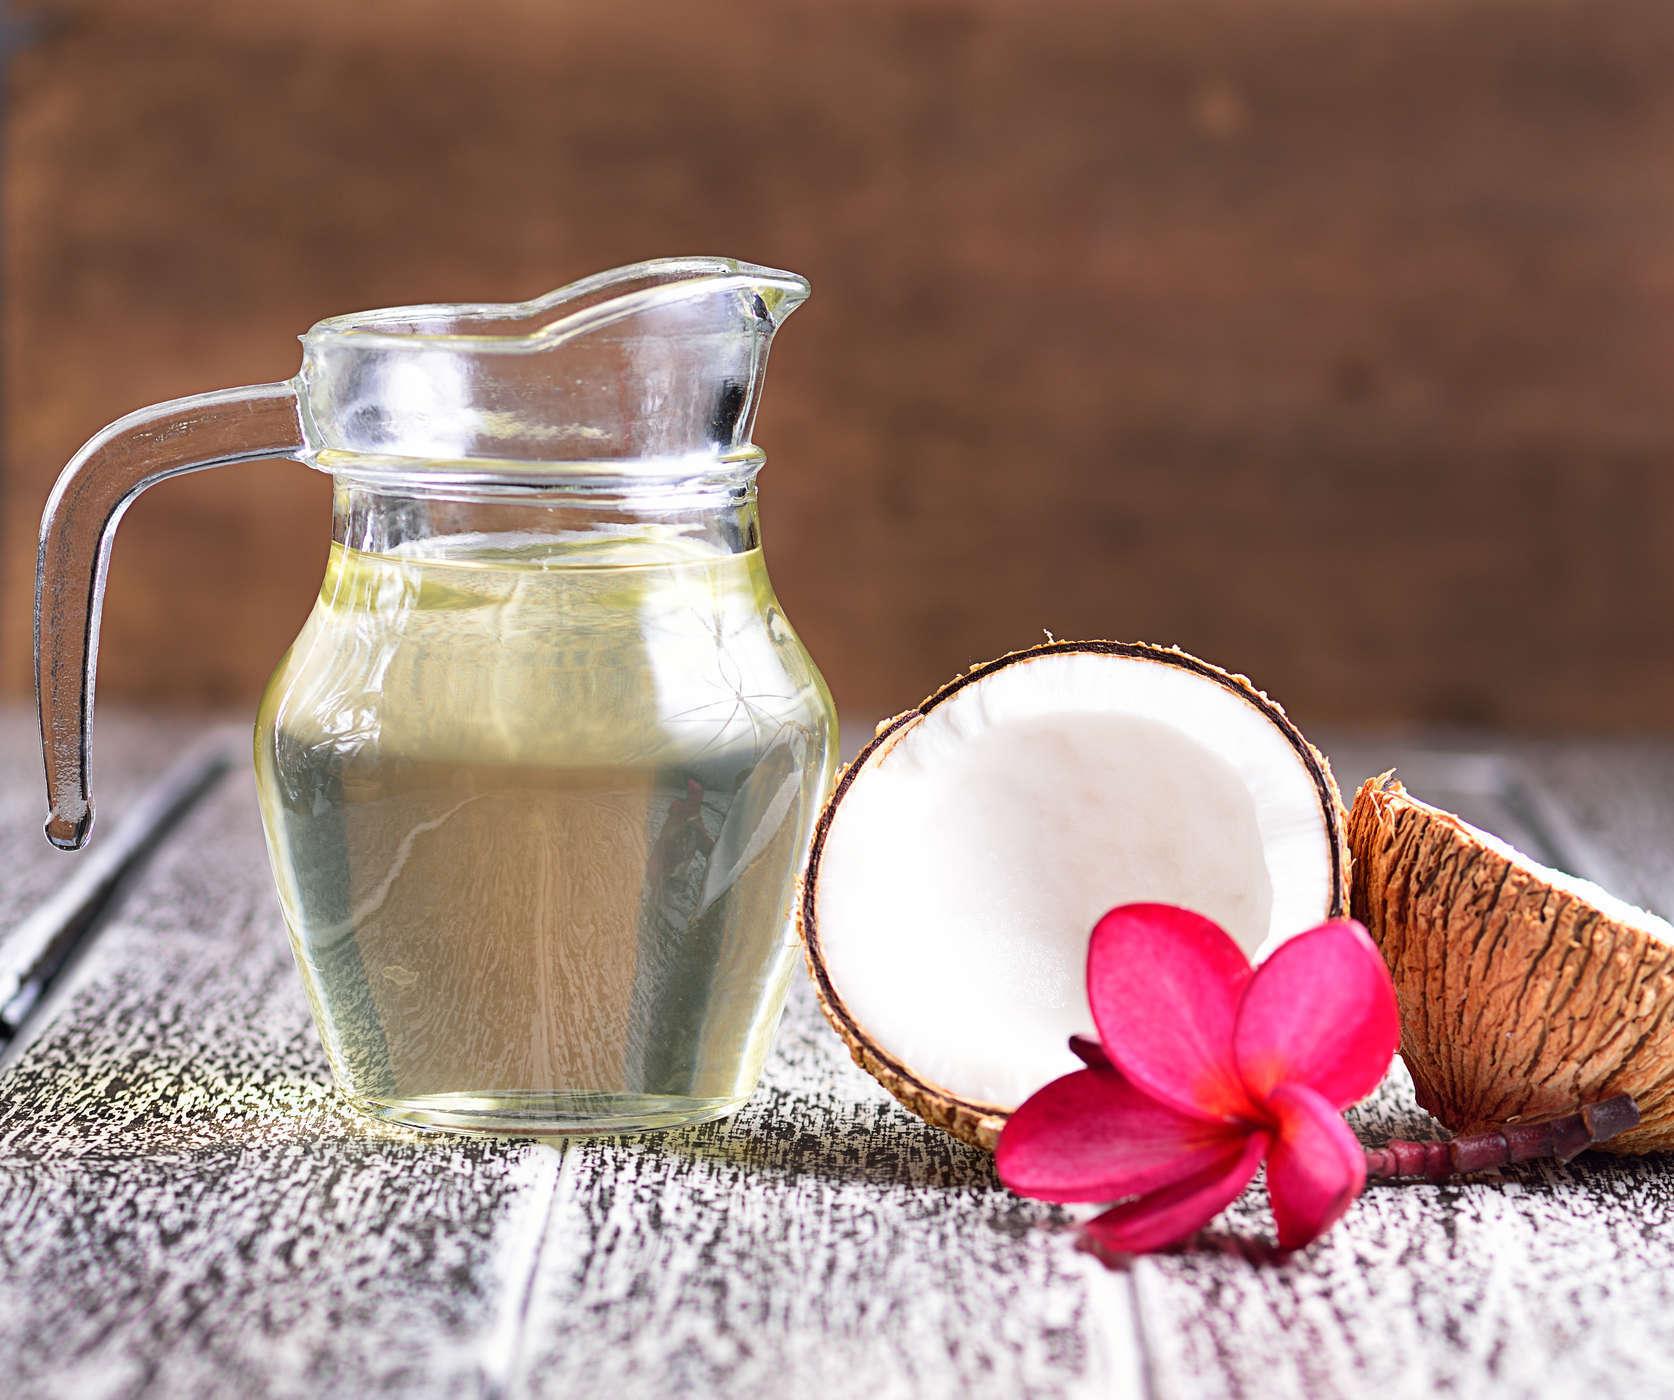 Nghe có vẻ điên rồ nhưng thêm dầu dừa vào cà phê theo cách này để uống, vừa giảm cân nhanh vừa tốt cho sức khỏe - Ảnh 3